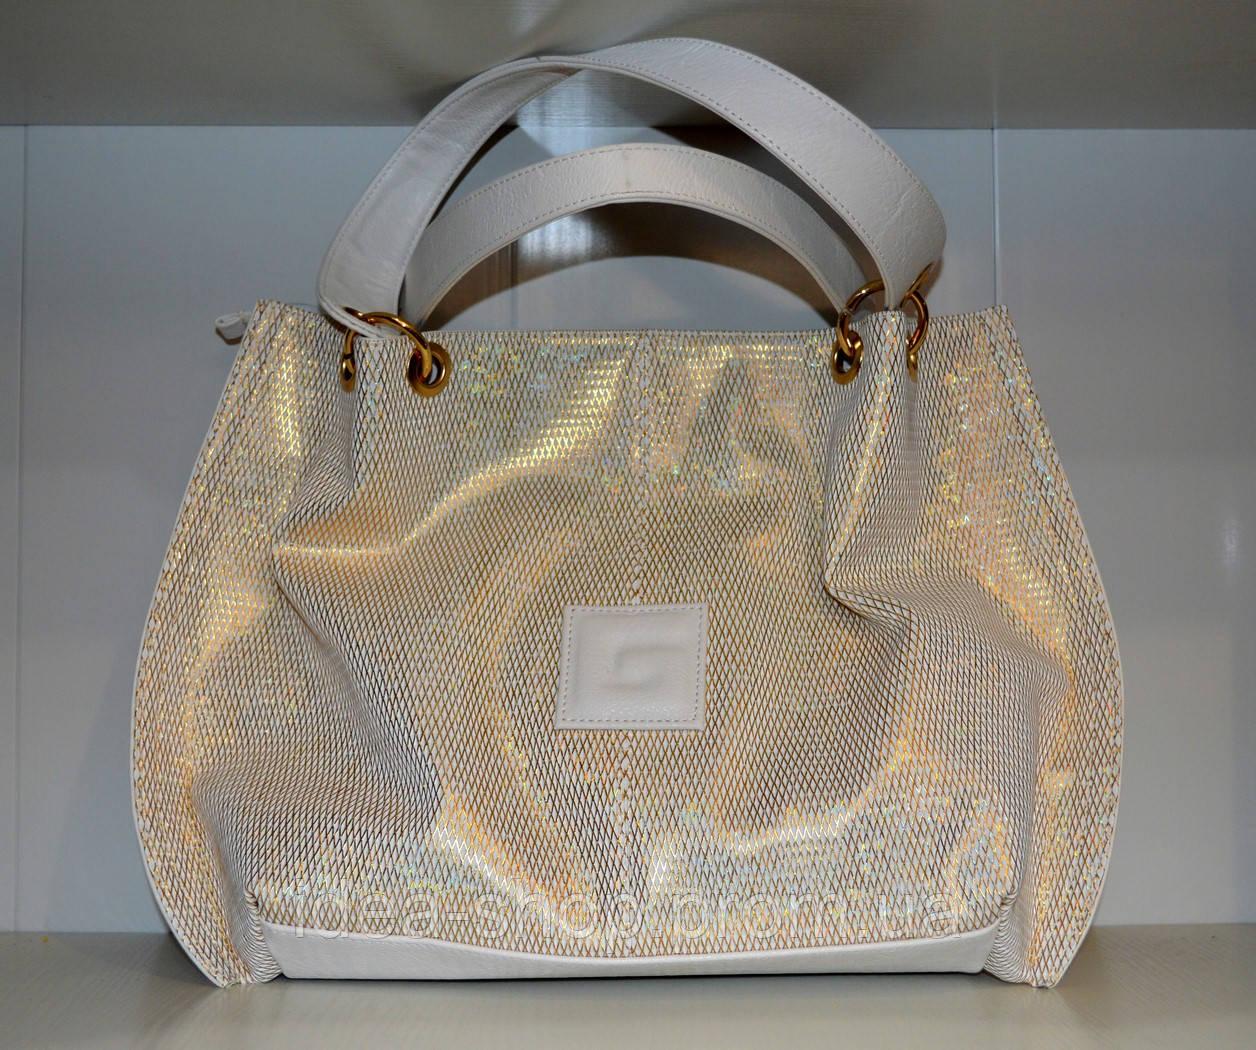 9fbd97181ec6 Сумка-торба женская белая золотистый принт - интернет-магазин